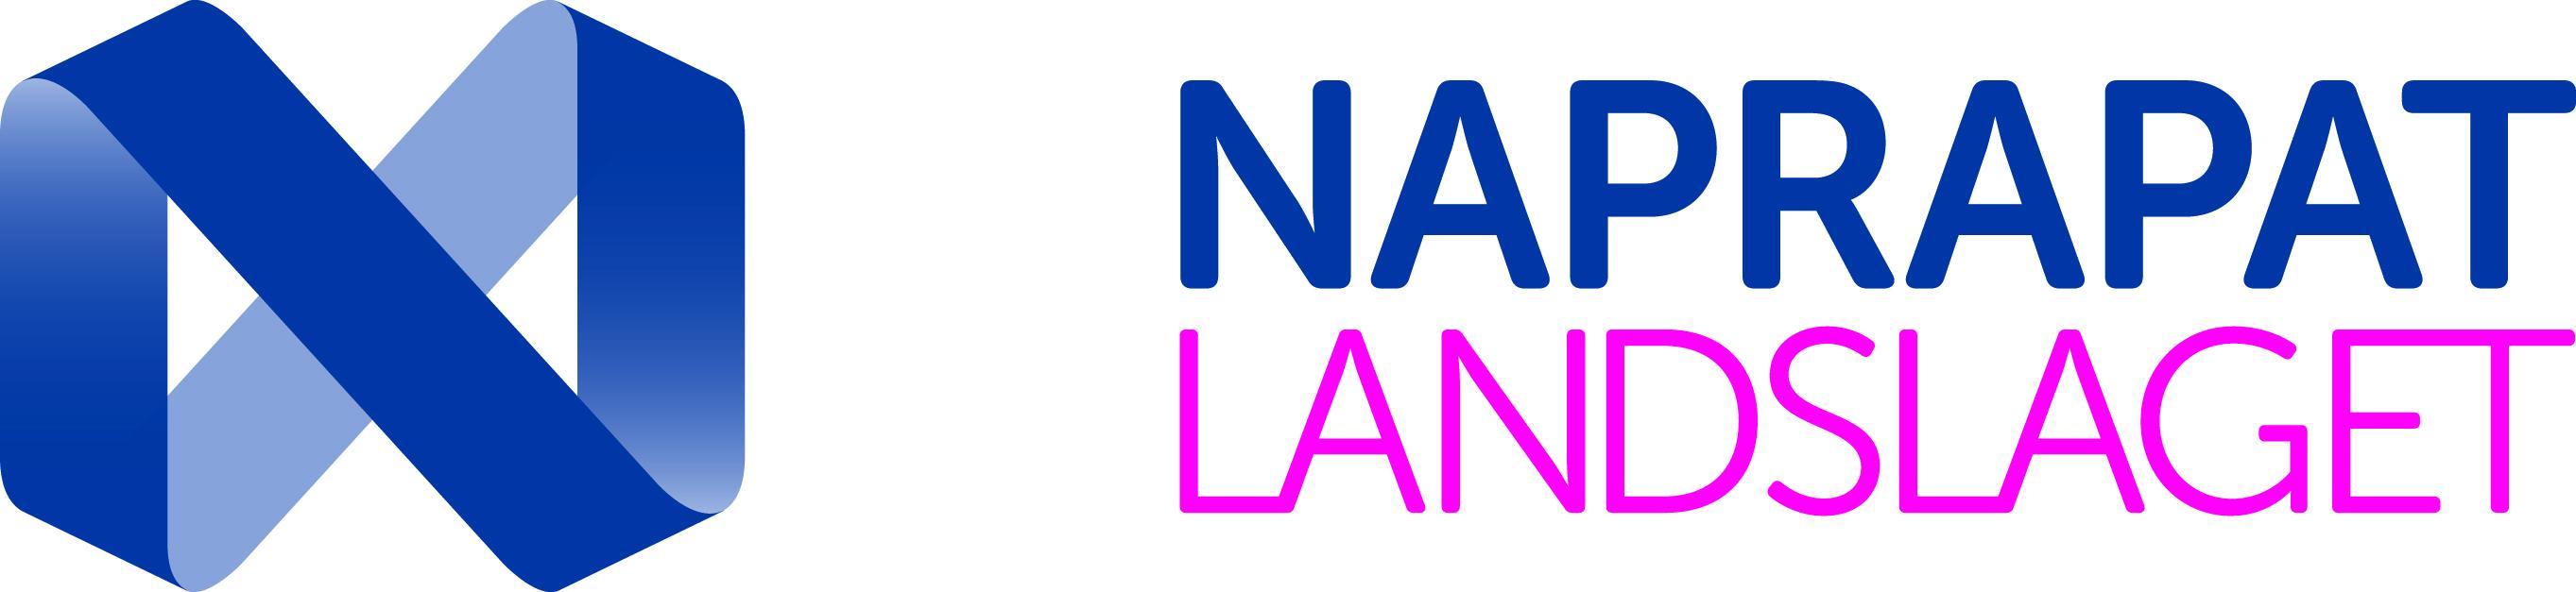 Naprapatlandslaget_Logo_CMYK